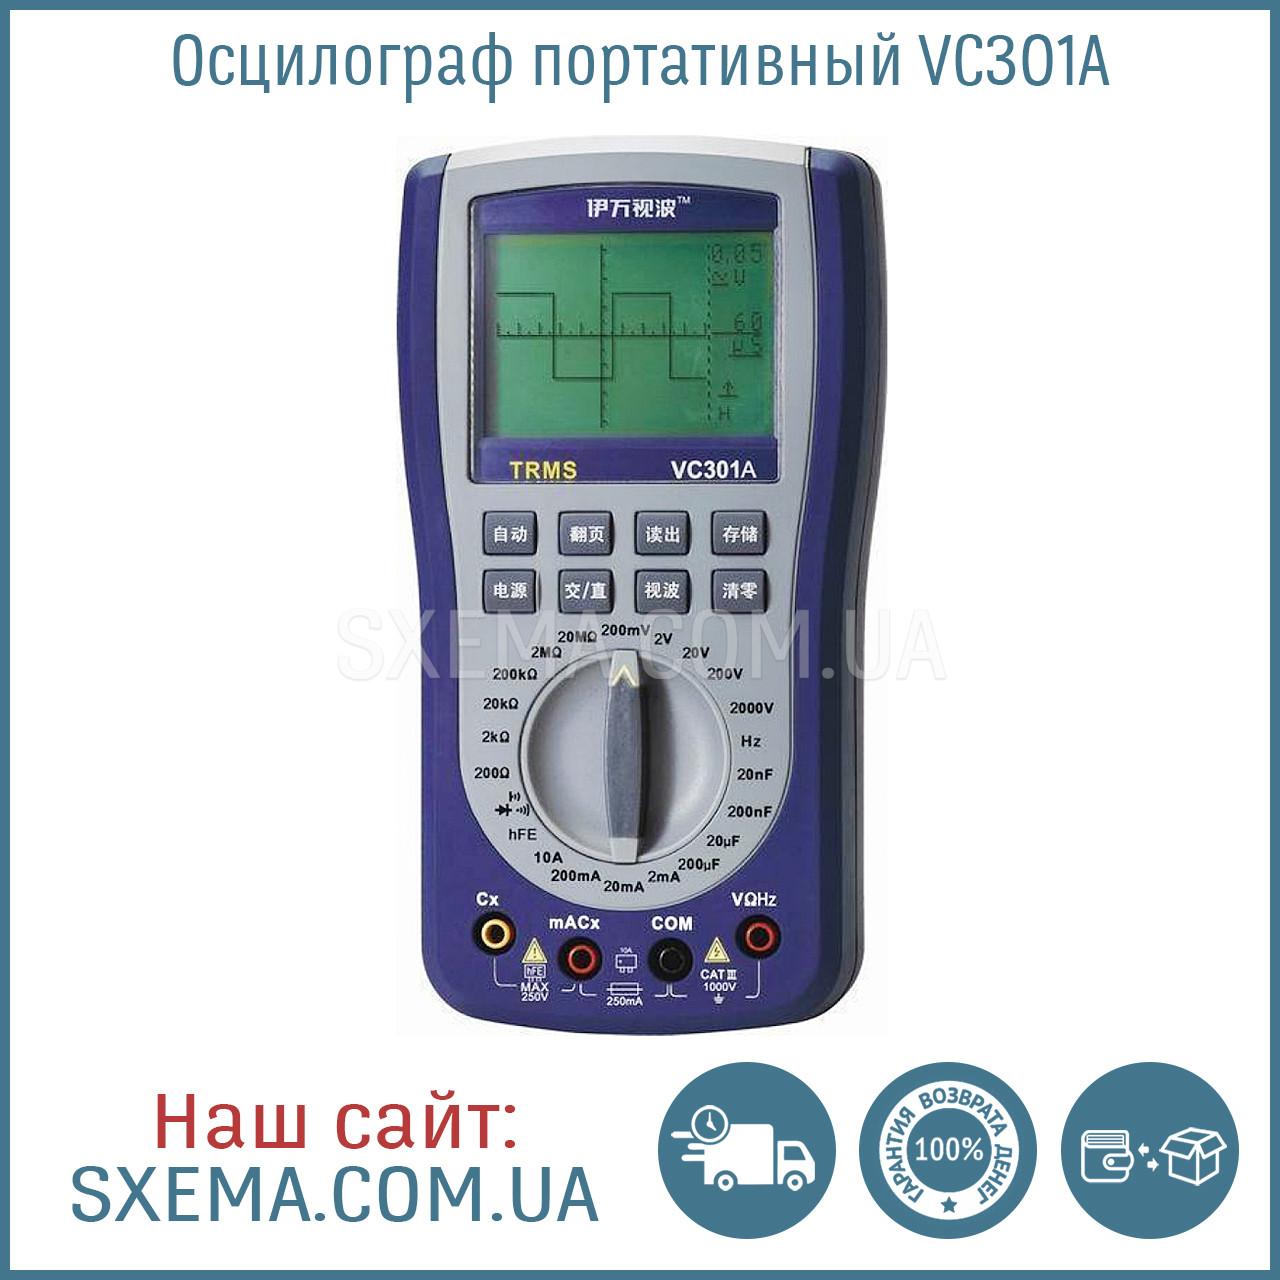 Осциллограф портативный VC301A с функциями цифрового мультиметра